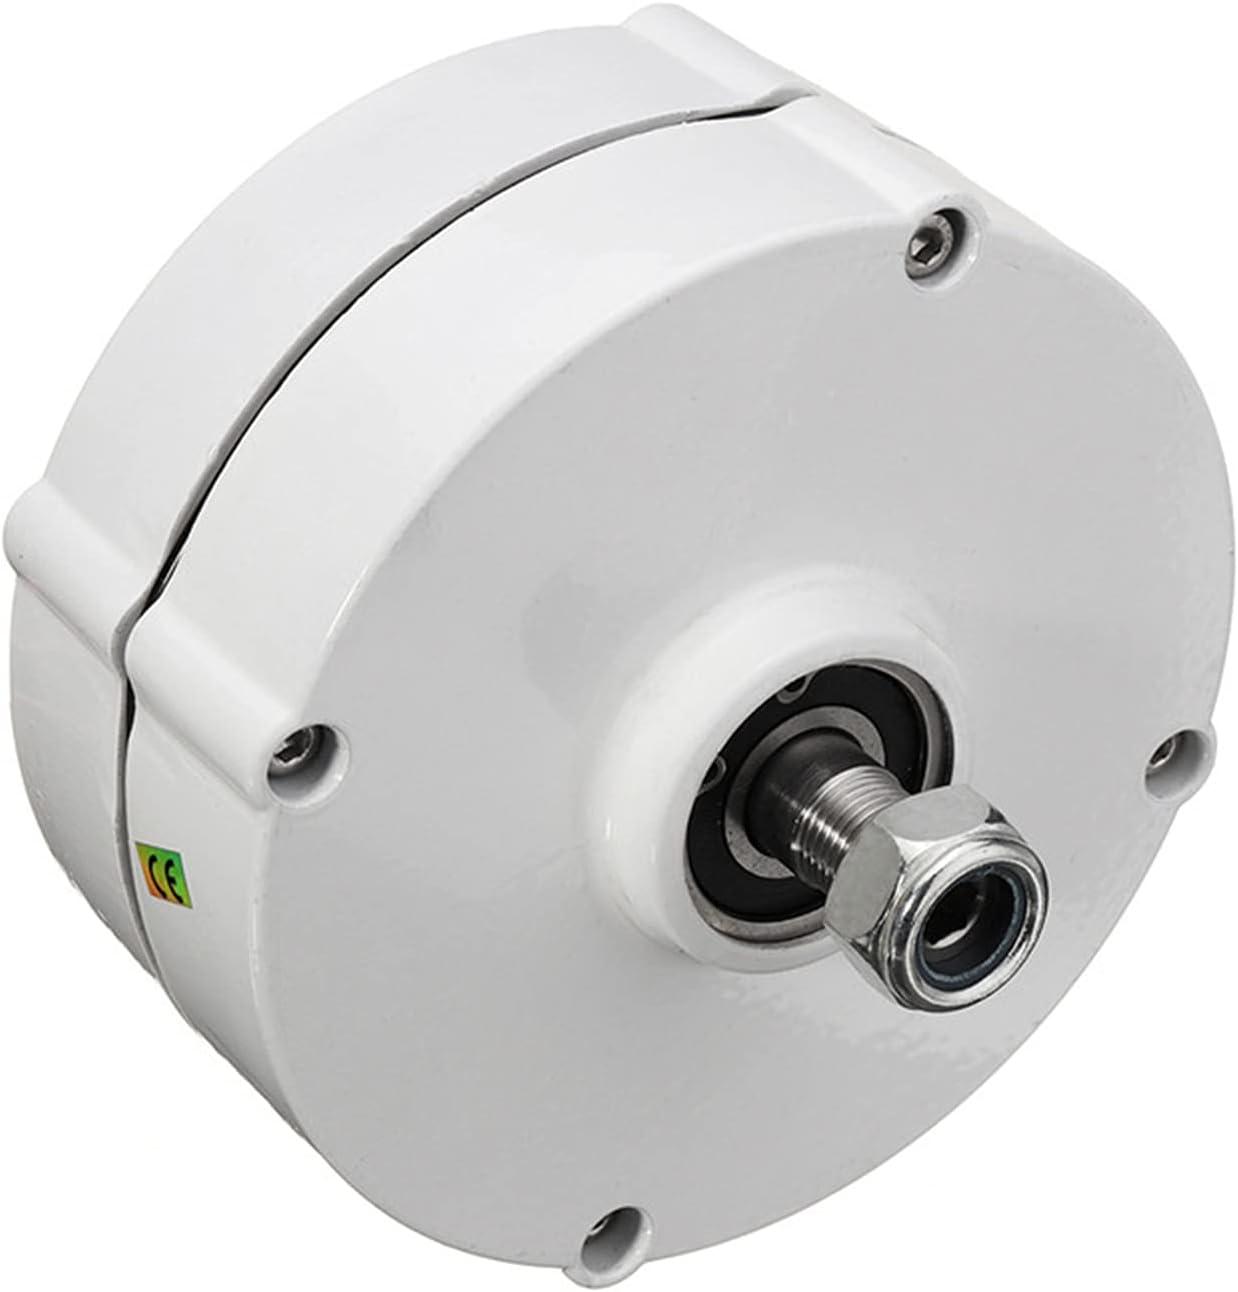 Nuevo Generador De Levitación Magnética 600W 12V 24V 48V 3 Fase 250 RPM Generador De Imán Permanente para Uso En Turbinas Eólicas Verticales U Horizontales